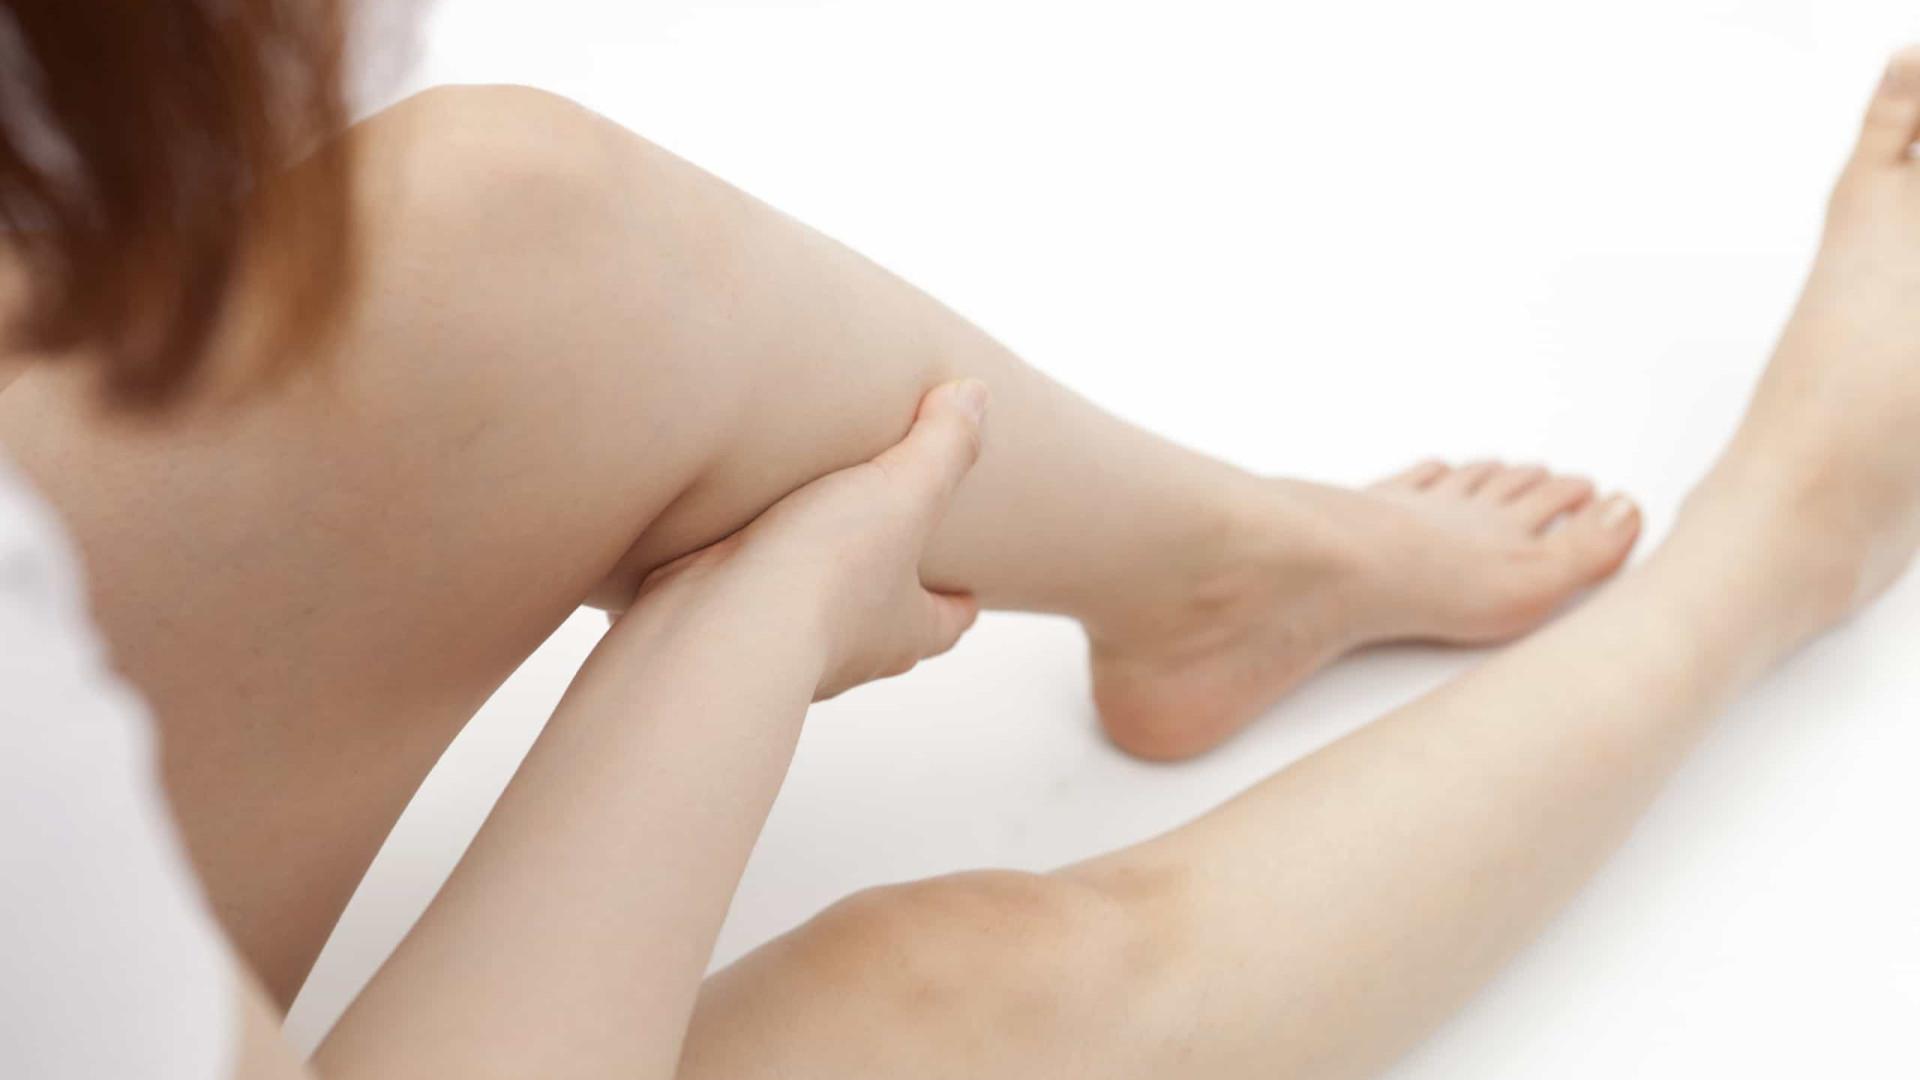 Cãibras nas pernas e nos pés. O que fazer para evitá-las